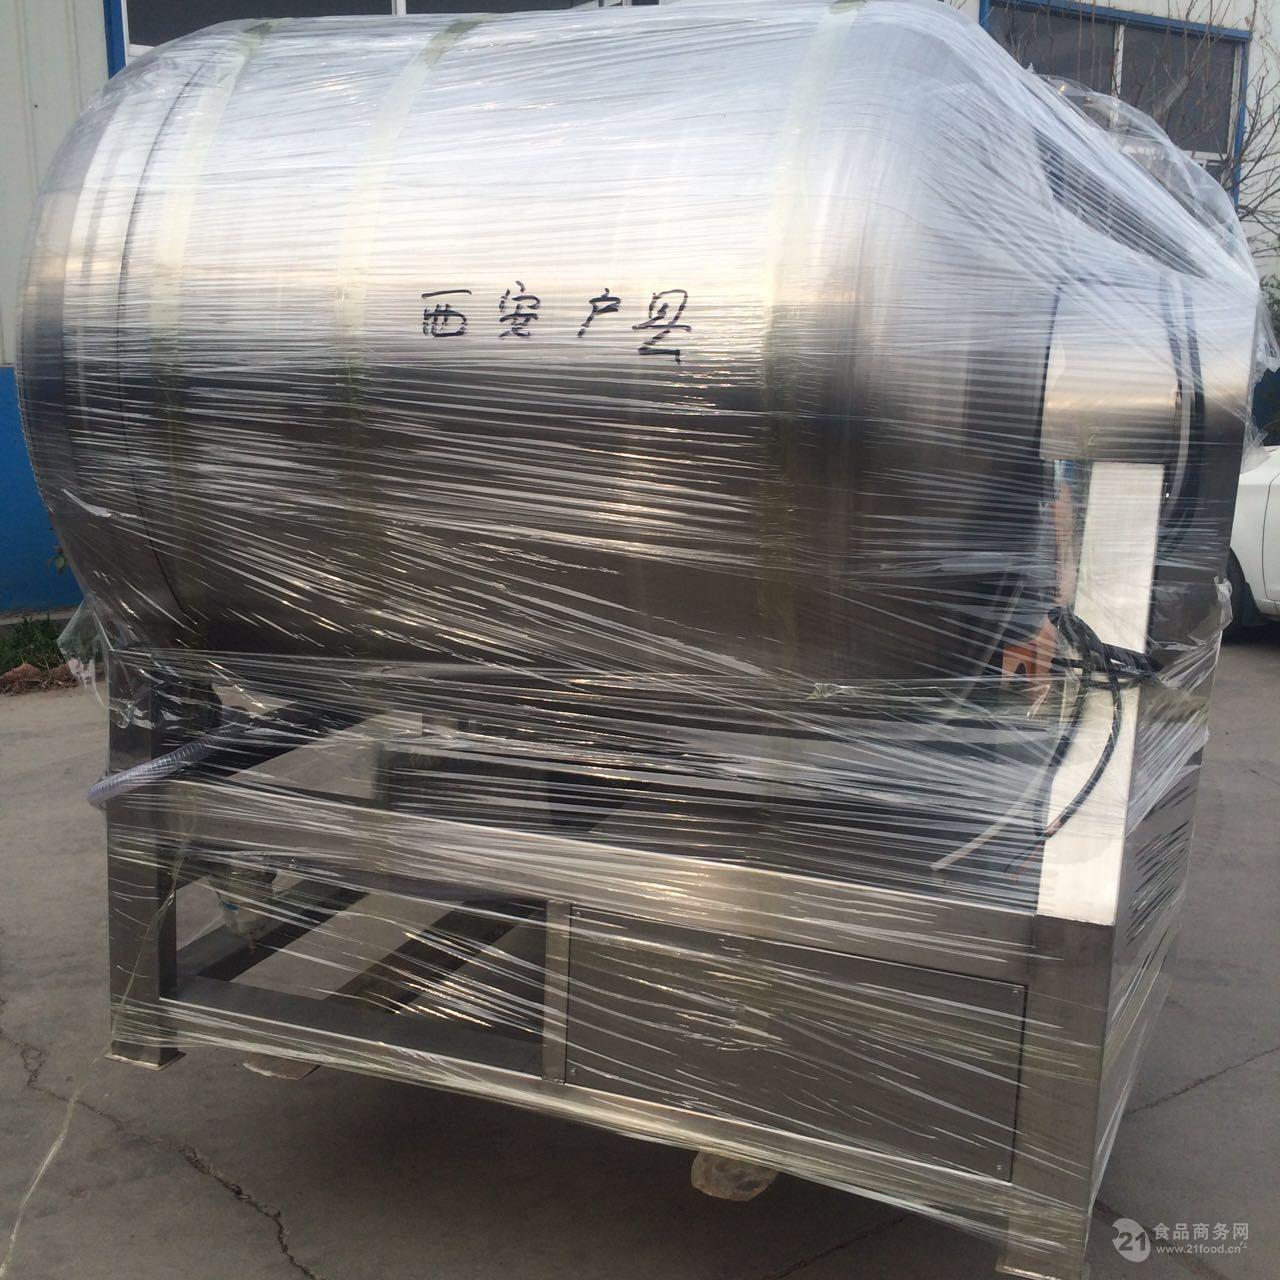 专业批发真空滚揉机设备,厂家直销肉制品深加工滚揉设备